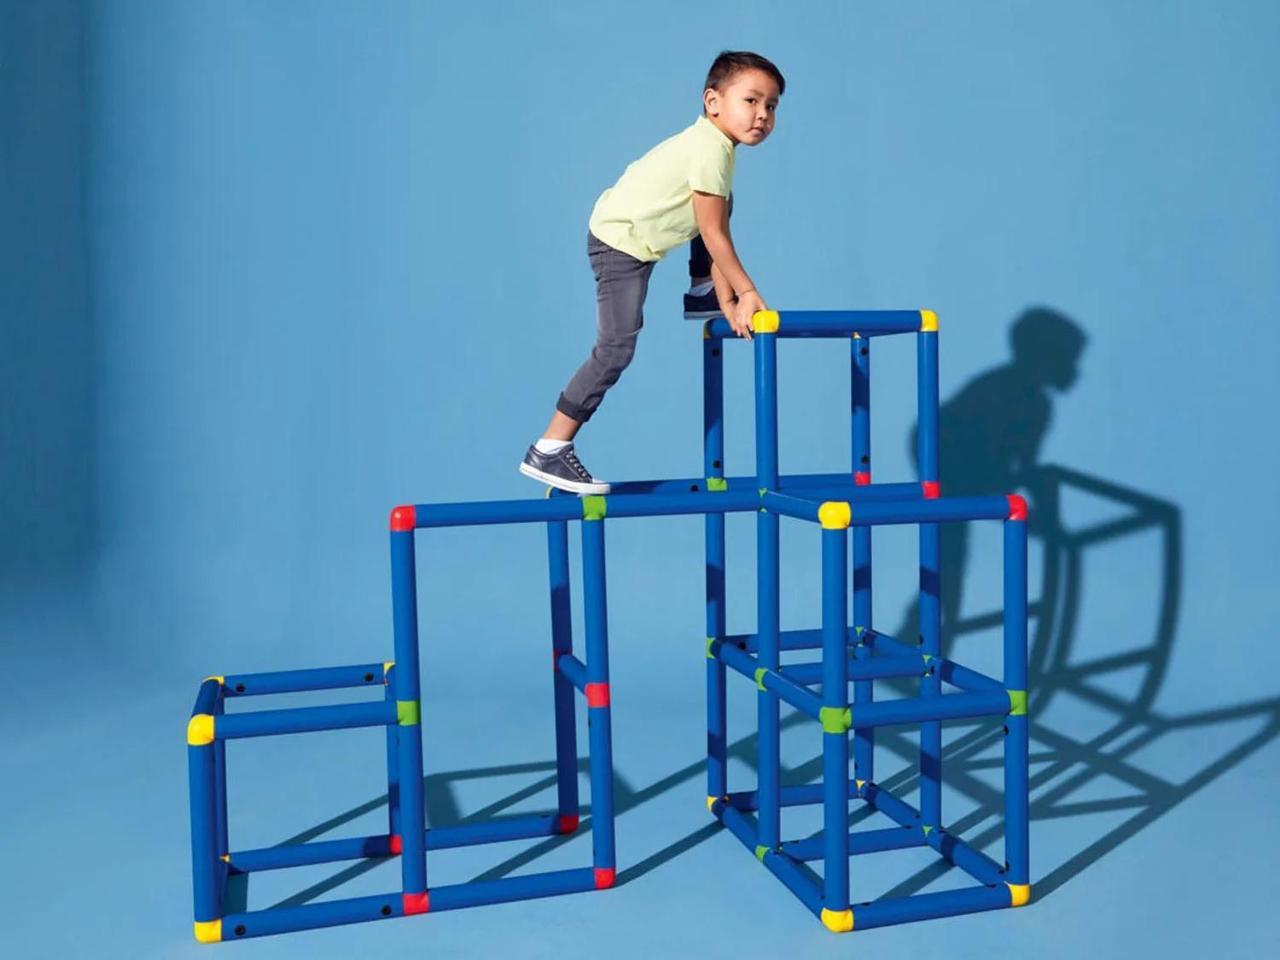 Конструкція для лазіння, повзання та ігри PlayTive для дітей від 1 року Німеччина